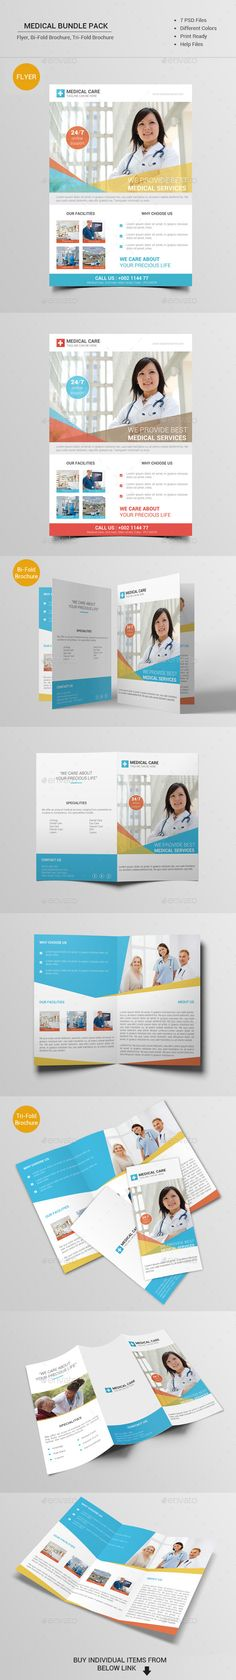 Medical Bundle Pack Template #design #printdesign Download: http://graphicriver.net/item/medical-bundle-pack/12100319?ref=ksioks